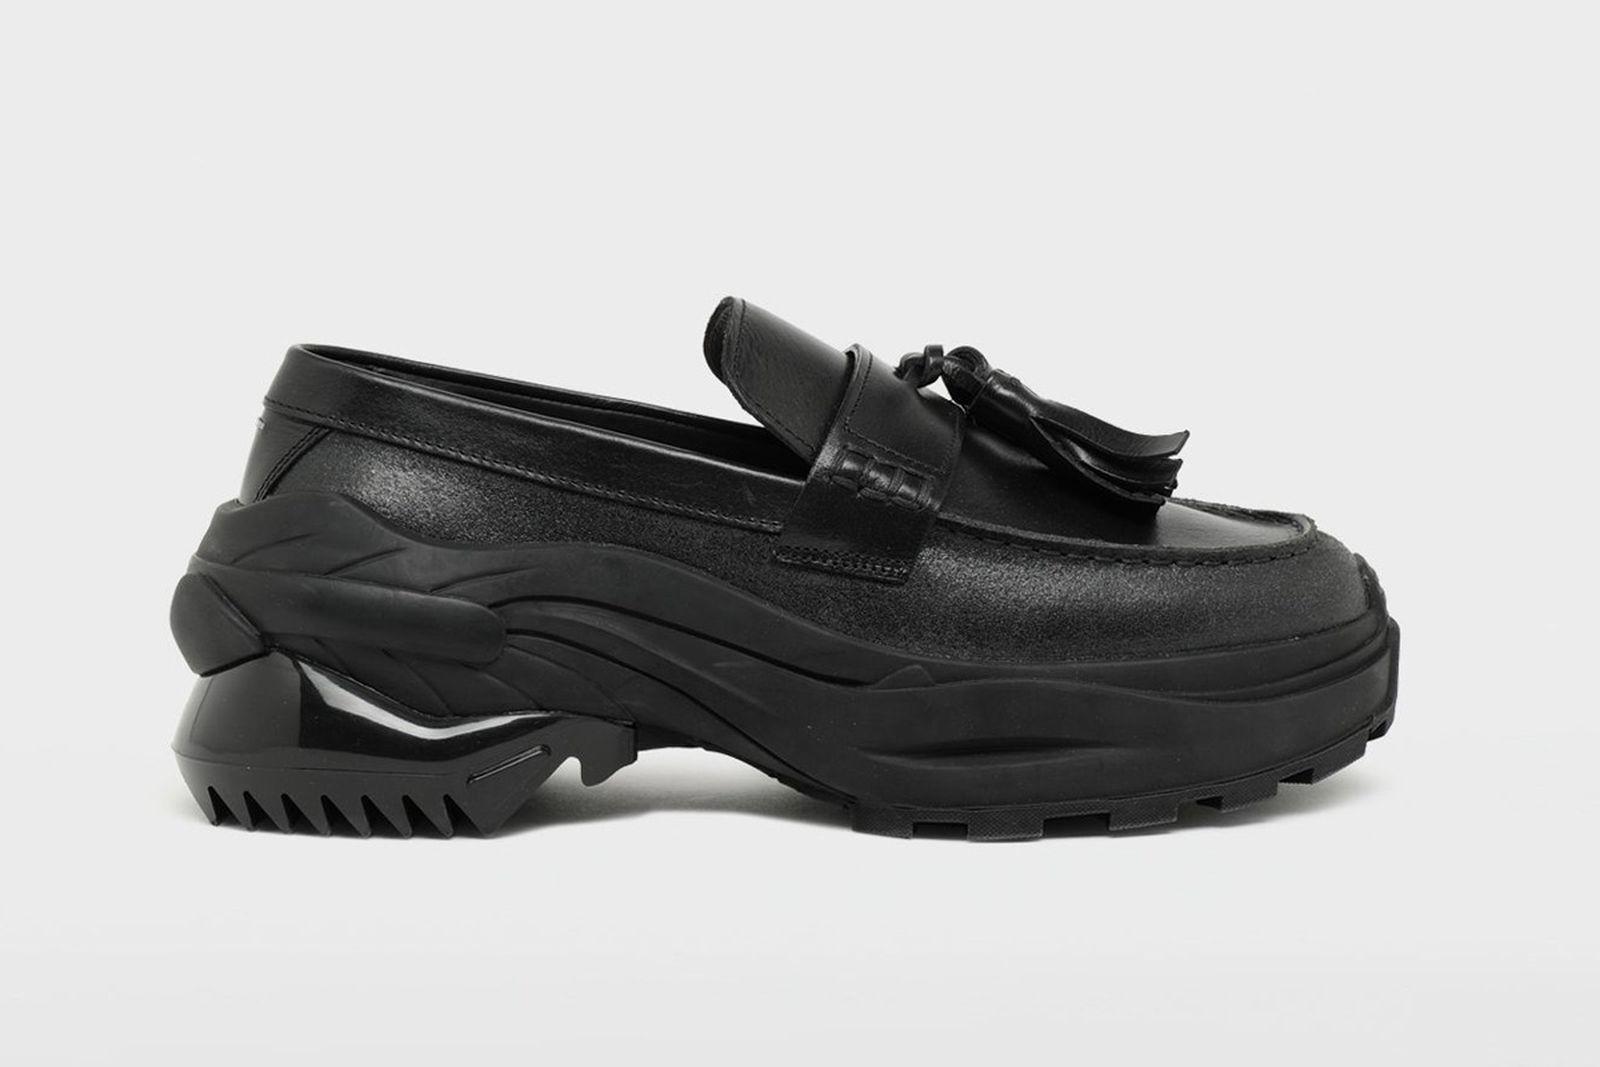 maison margiela spliced tassel loafer sneakers buy now Formal footwear